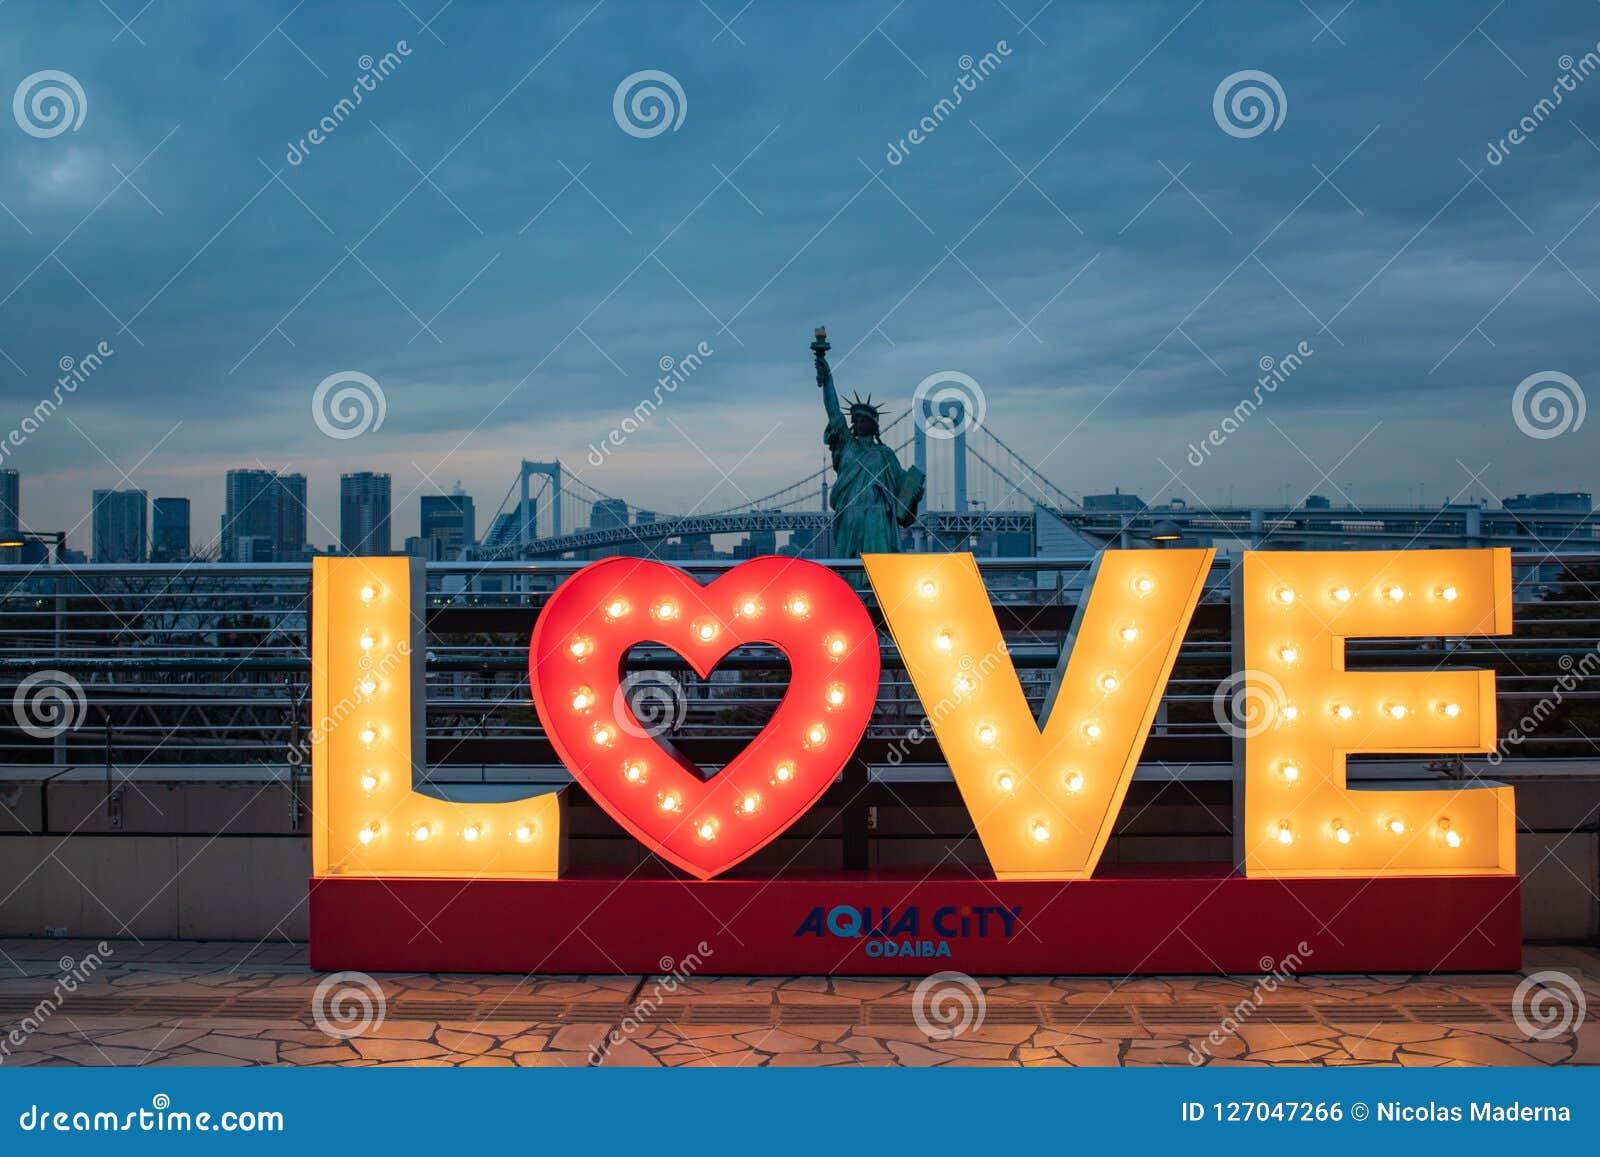 爱与光、日本自由女神象和彩虹桥梁的标志在蓝色小时